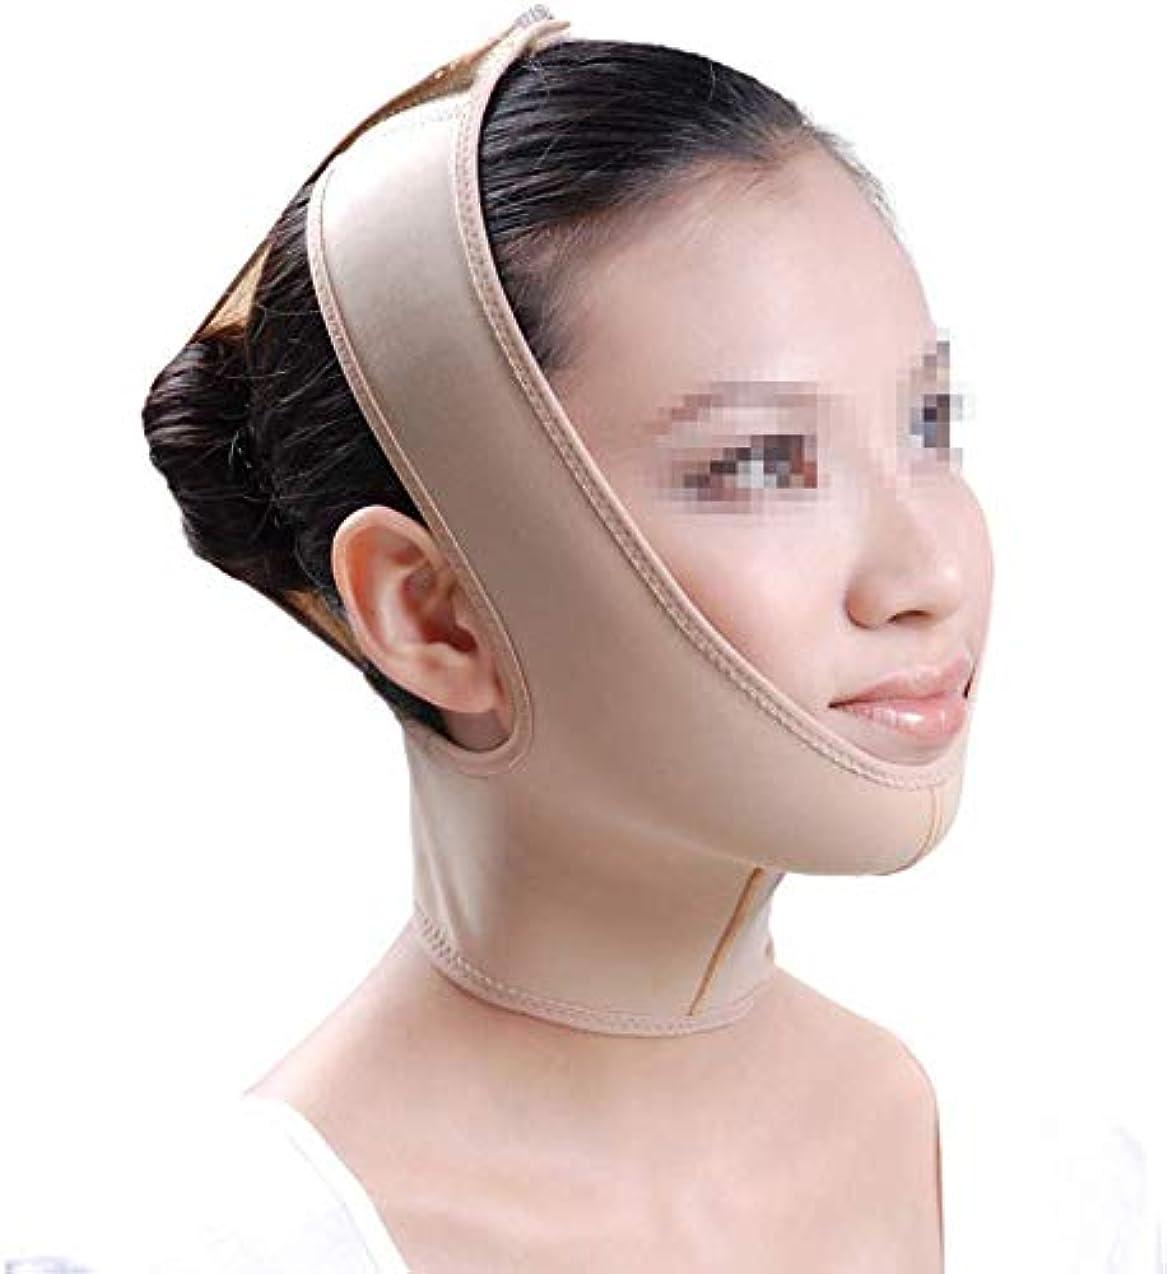 前奏曲ジム才能のある美容と実用的なフェイスリフトマスク、顎首スリーブ首二重あご顔医療脂肪吸引手術創傷フェイスマスクヘッド弾性スリーブ(サイズ:L)